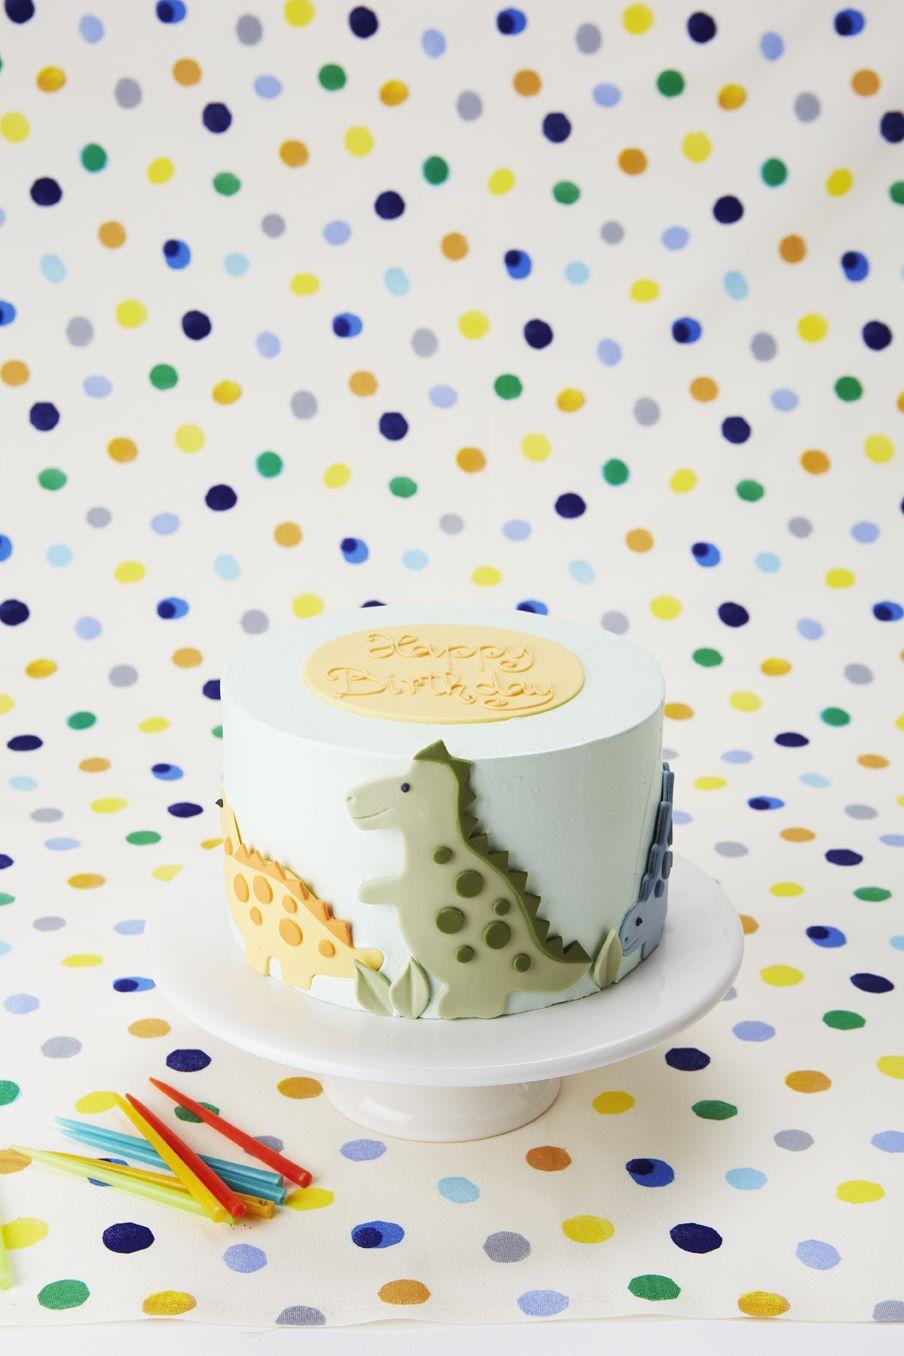 Dinosaur Birthday Cake by Peggy Porschen. New Collection, Order online www.peggyporschen.com